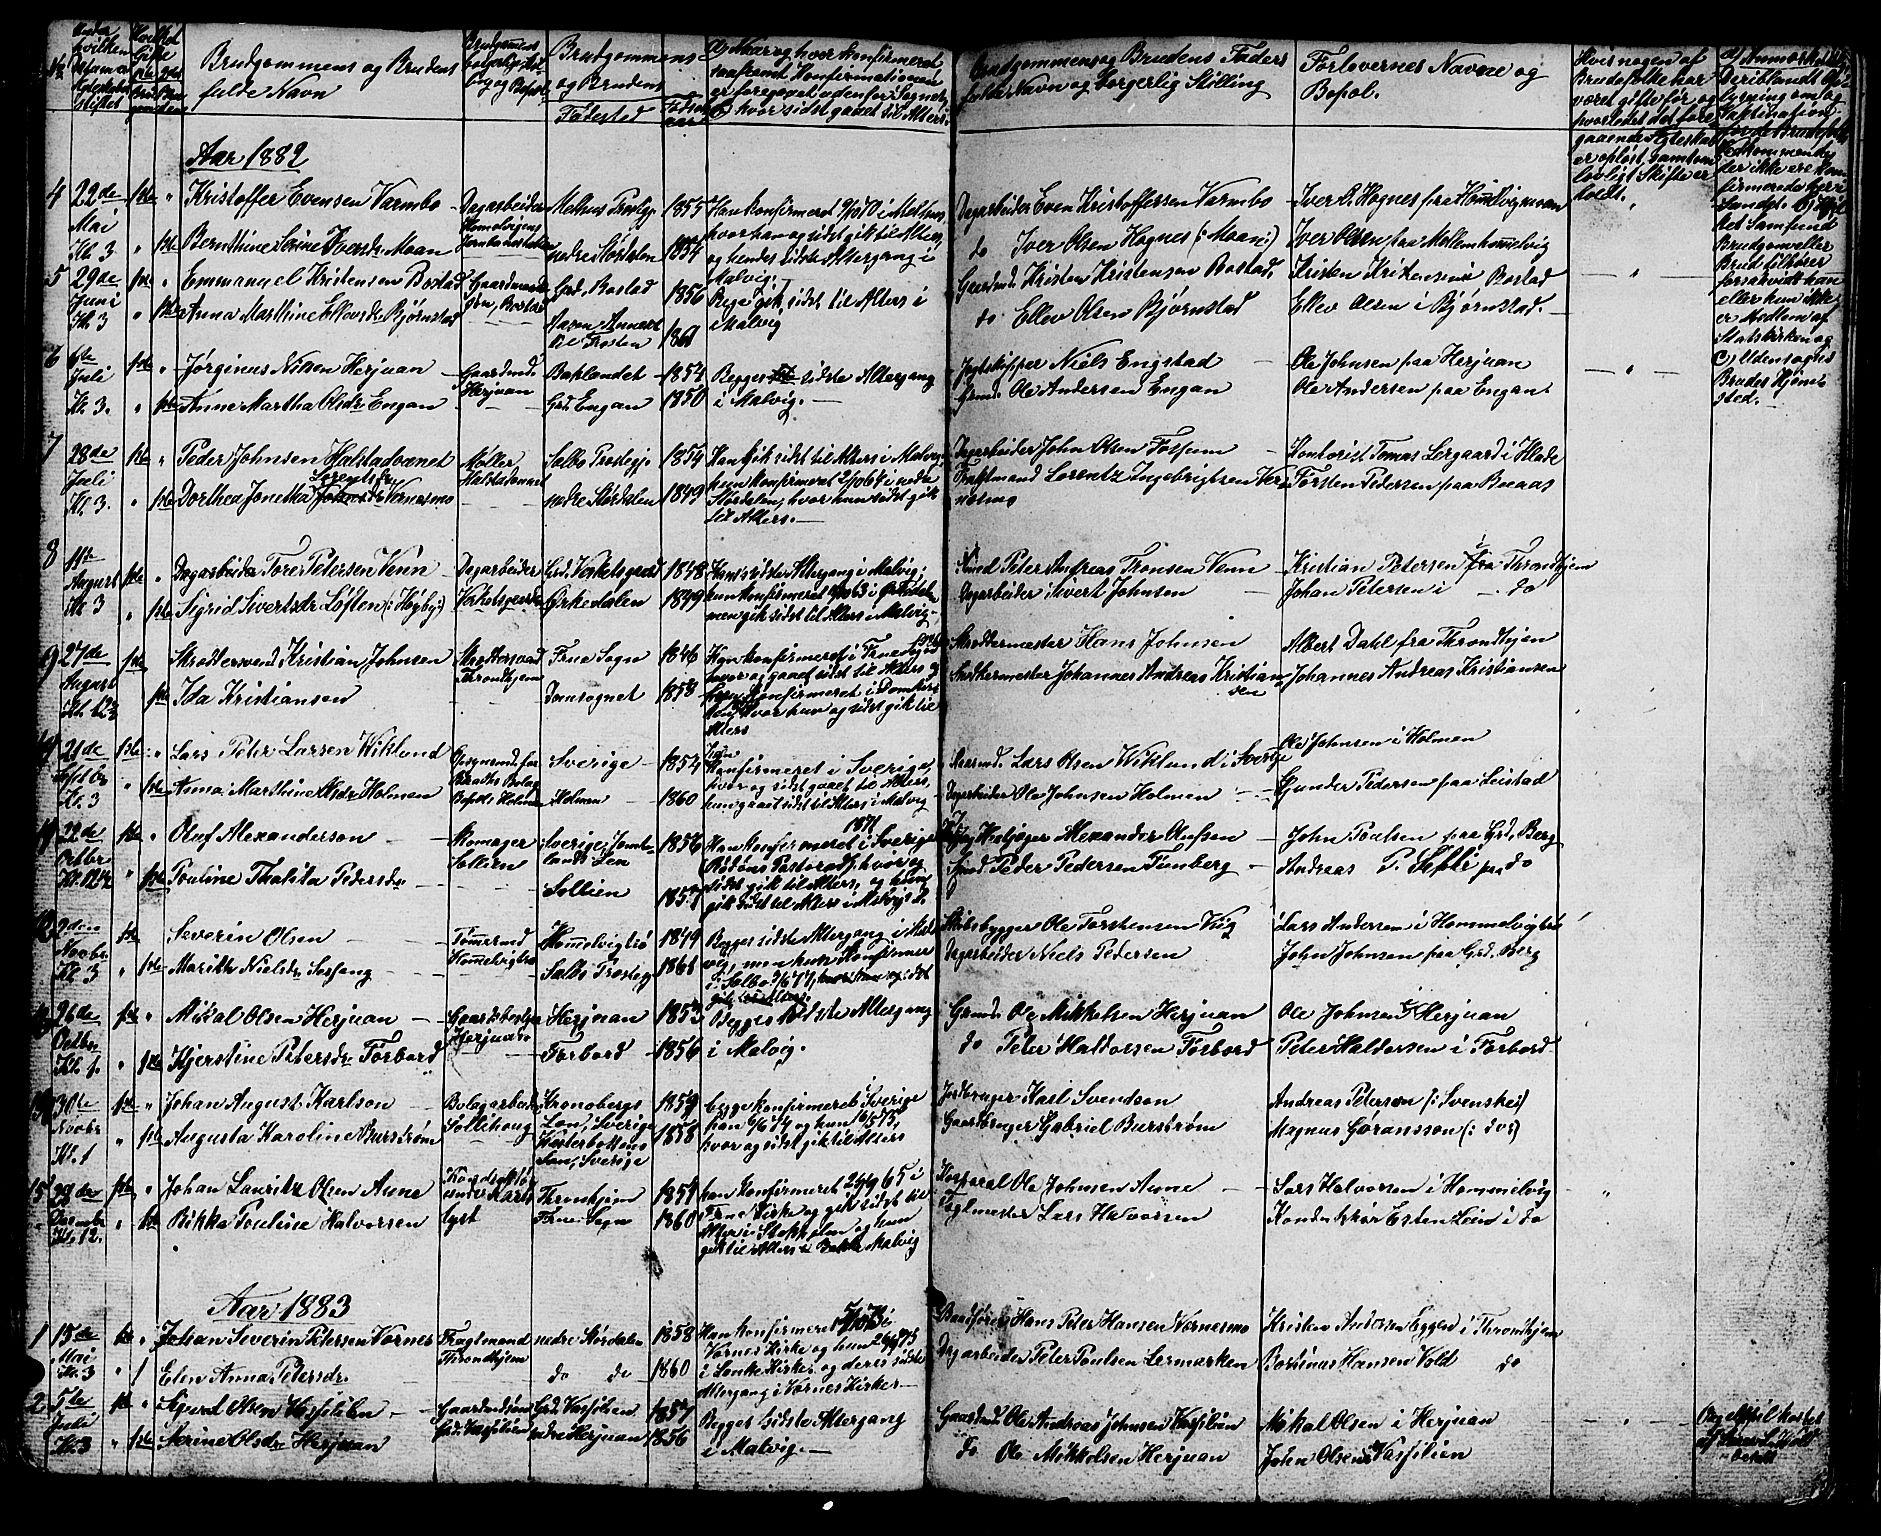 SAT, Ministerialprotokoller, klokkerbøker og fødselsregistre - Sør-Trøndelag, 616/L0422: Klokkerbok nr. 616C05, 1850-1888, s. 146